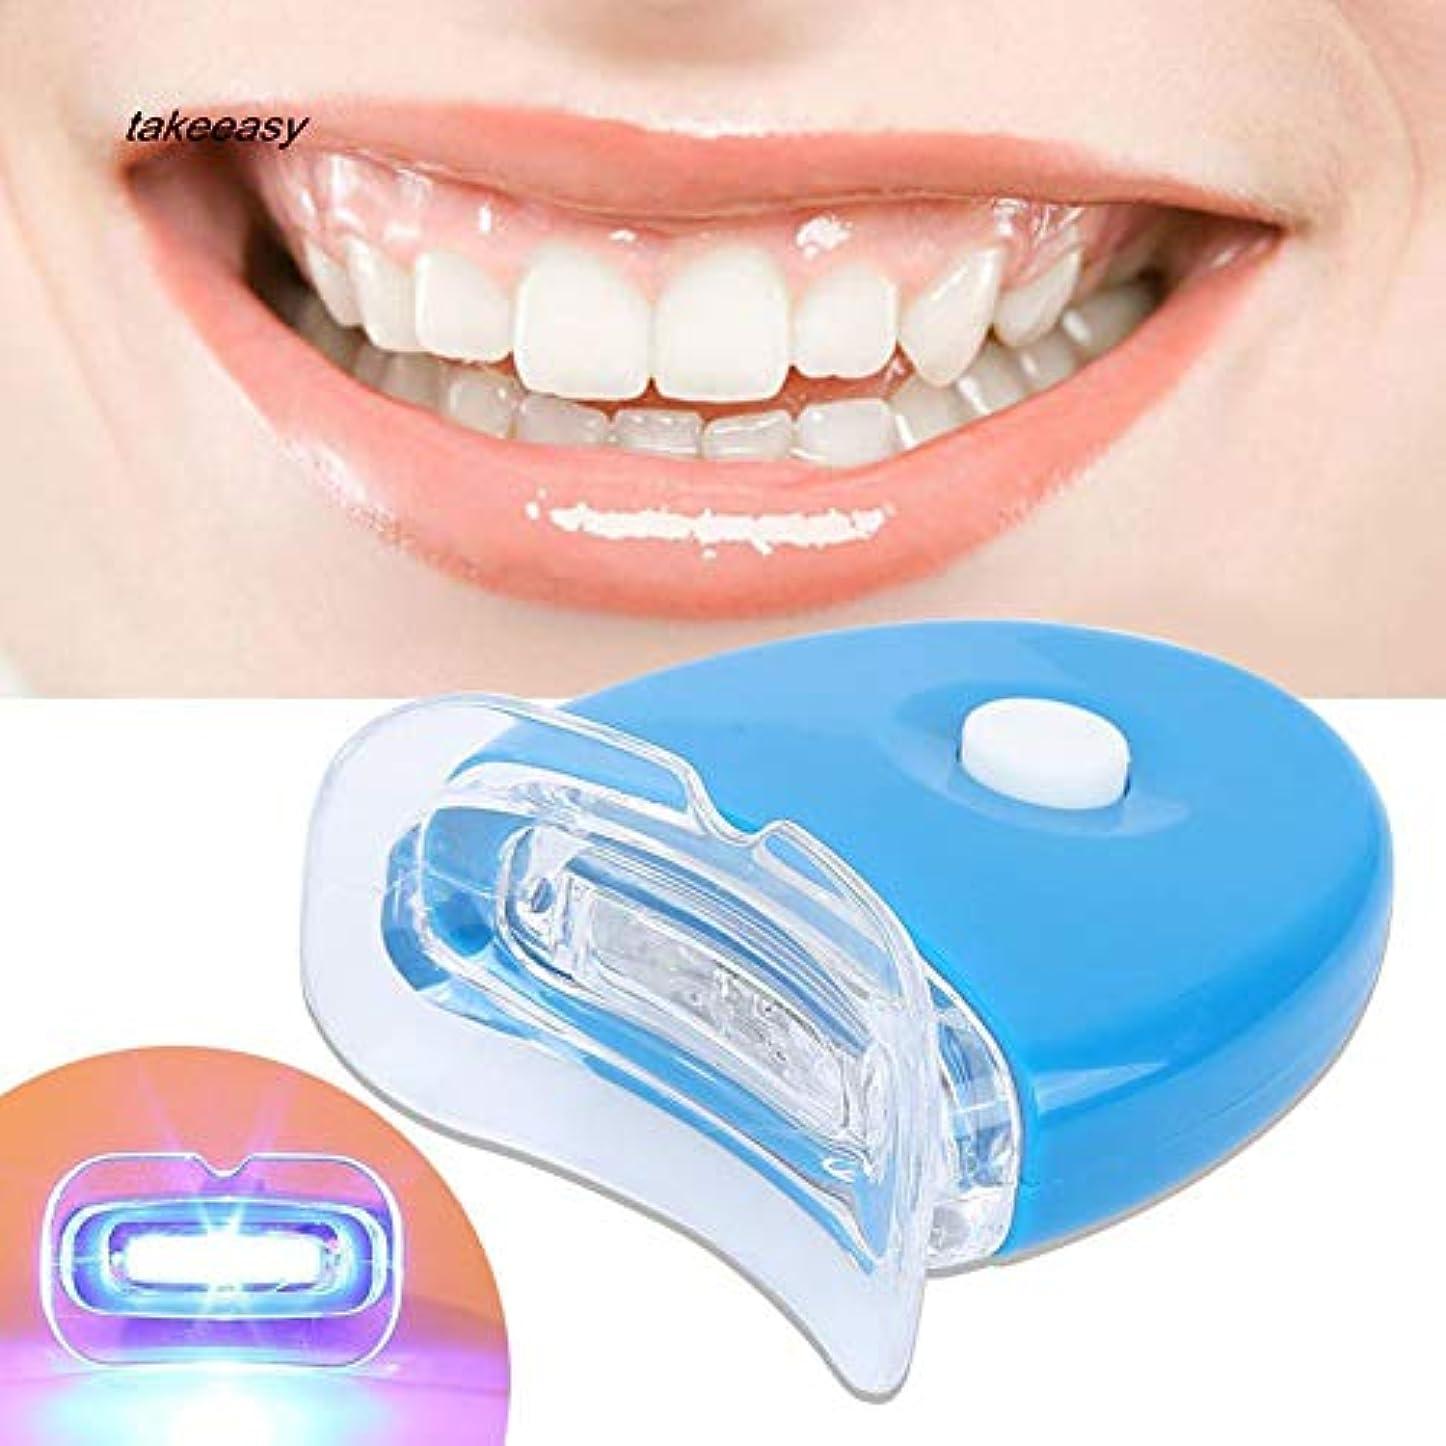 予測子電気死傷者歯ホワイトニング器 歯美白器 美歯器 ホワイトニング ホワイトナー ケア 歯の消しゴム 歯科機器 口腔ゲルキット ライト付き 歯を白くする